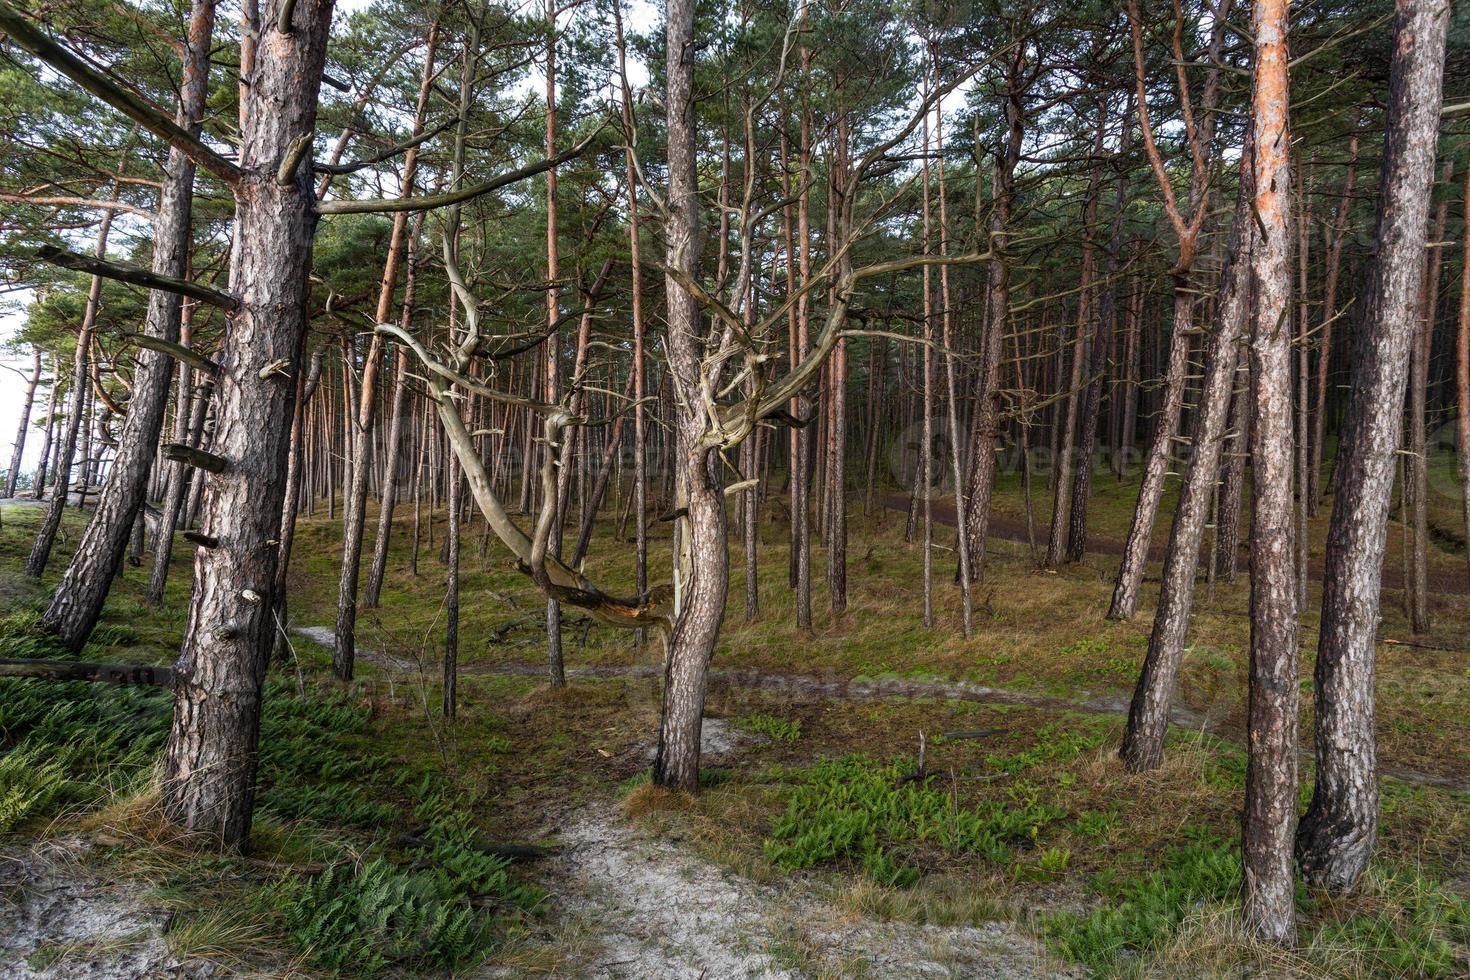 floresta costeira do mar Báltico e dunas de areia com pinheiros foto